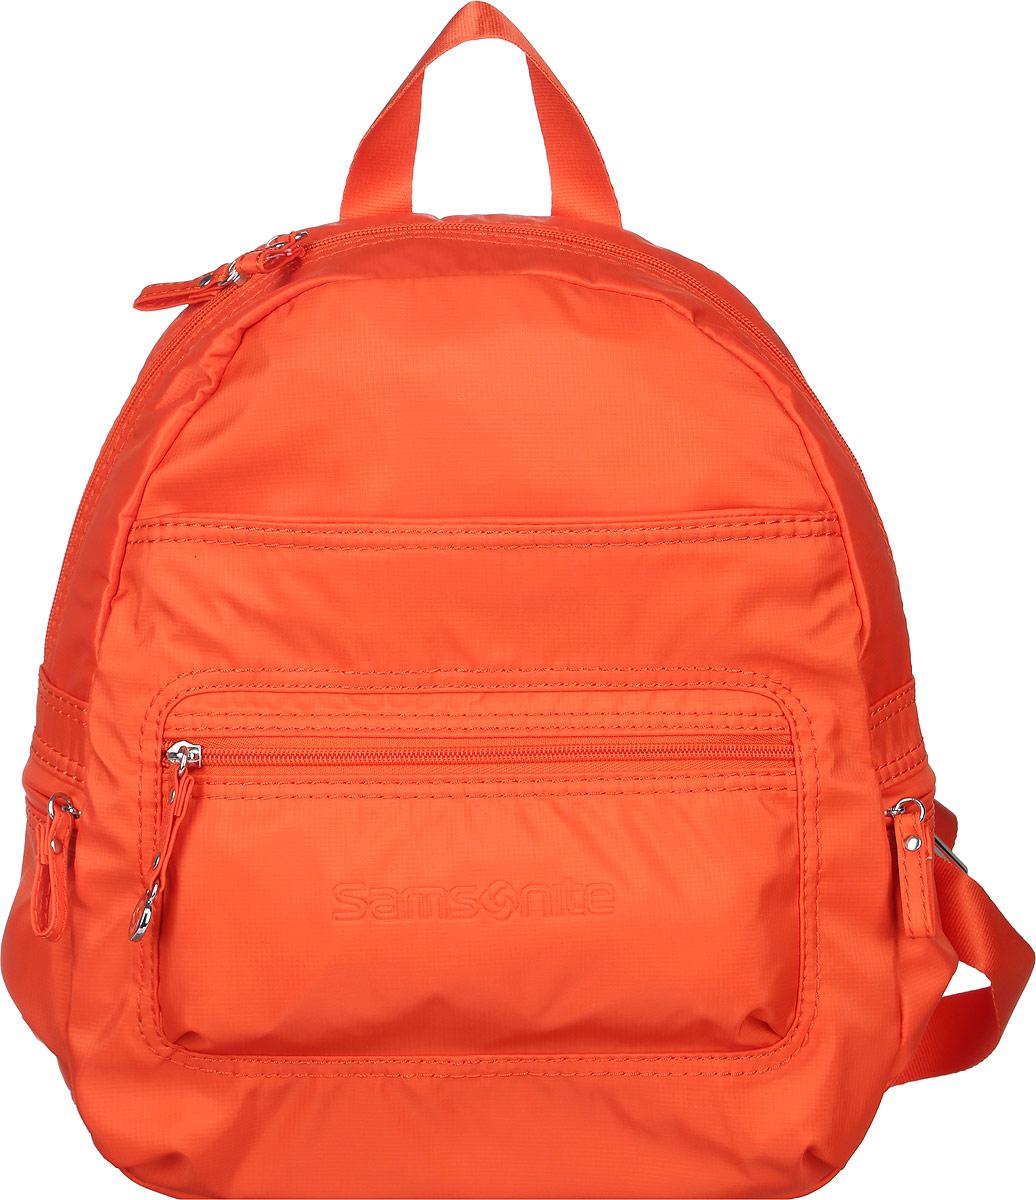 Рюкзак женский Samsonite, цвет: оранжевый. 5H3*960245H3*96024Стильный женский рюкзак Samsonite выполнен из полиамида. Изделие имеет одно основное отделение, закрывающееся на застежку-молнию. Внутри находятся прорезной карман на застежке-молнии, текстильный ремешок с карабином для ключей и два накладных открытых кармана. Снаружи, на передней стенке расположены два нашивных кармана на застежках-молниях. По бокам предусмотрены дополнительные кармашки на застежках-молниях. Модель оснащена регулируемыми лямками и удобной ручкой для переноски в руках. Стильный рюкзак позволит вам завершить образ и подчеркнет ваше отменное чувство стиля.